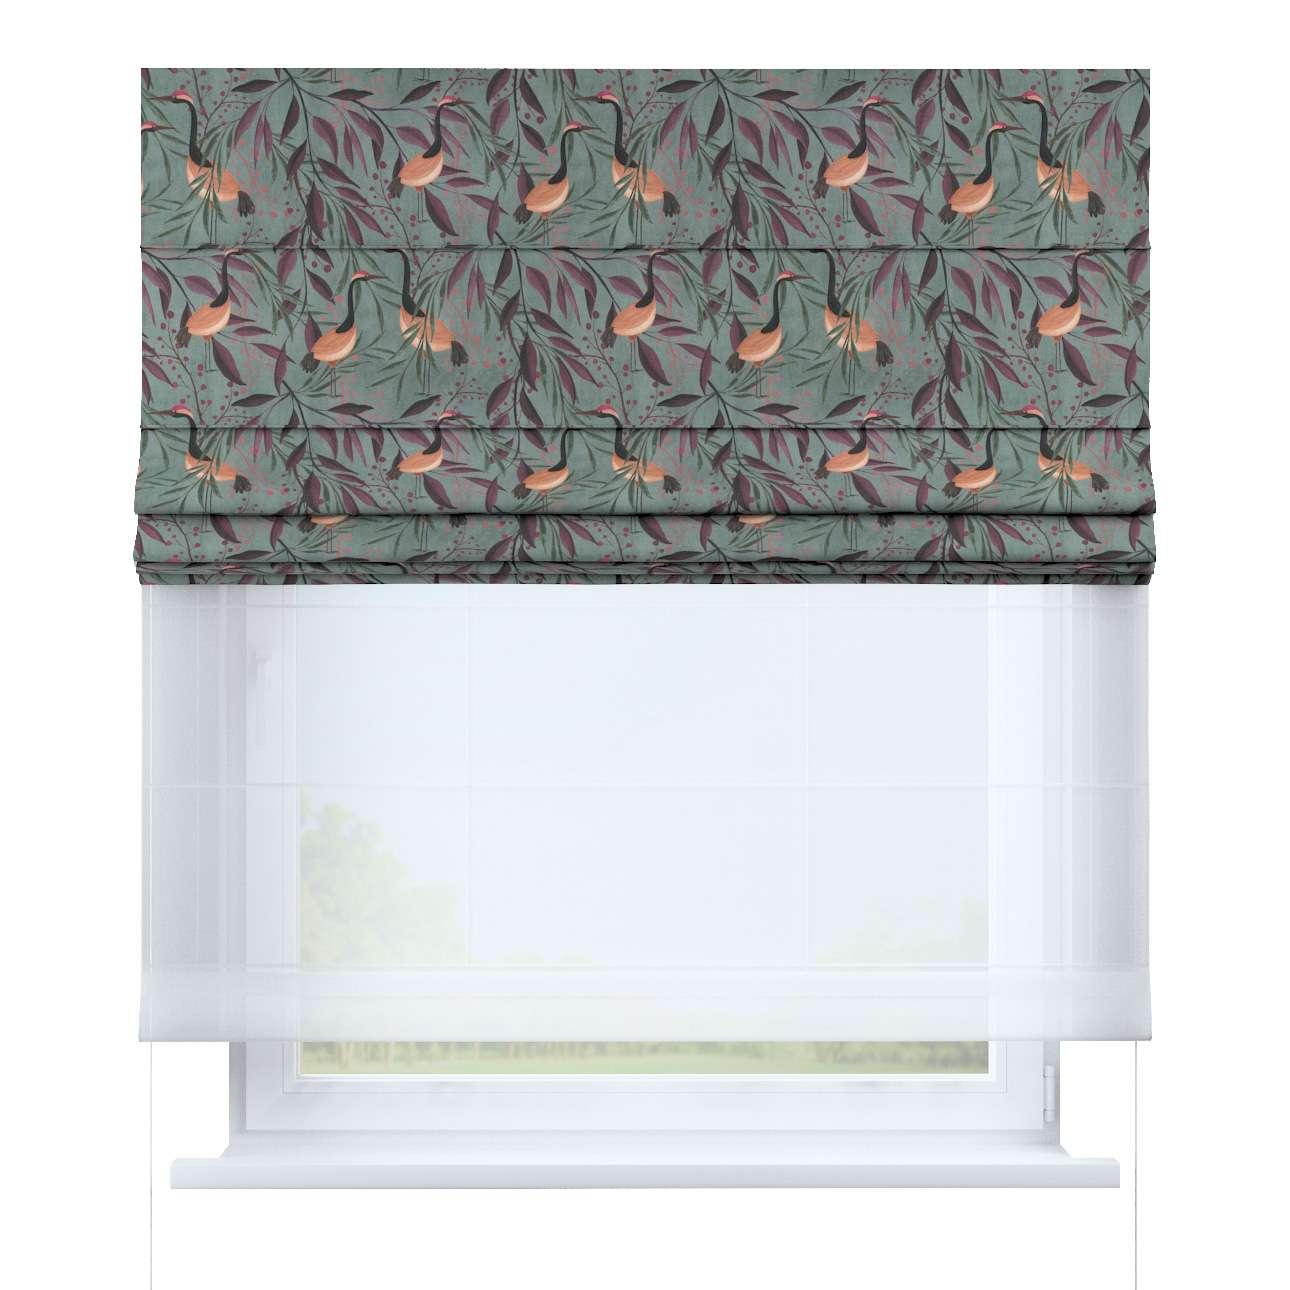 Rímska DUO roleta II V kolekcii Abigail, tkanina: 143-11